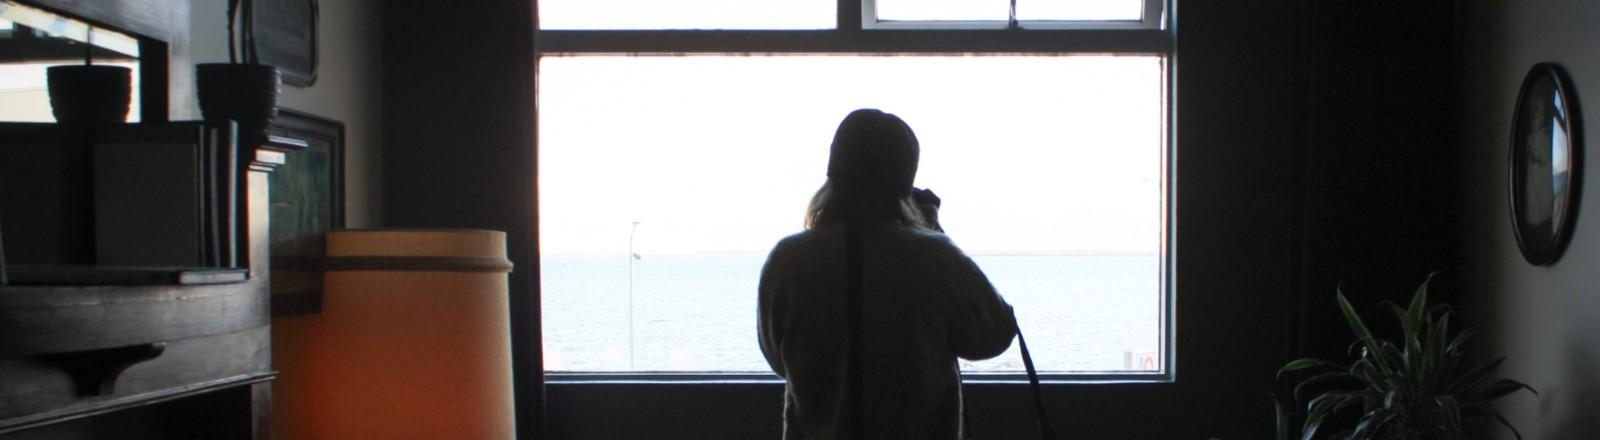 Frau steht mit Rücken zum Beobachter am Fenster